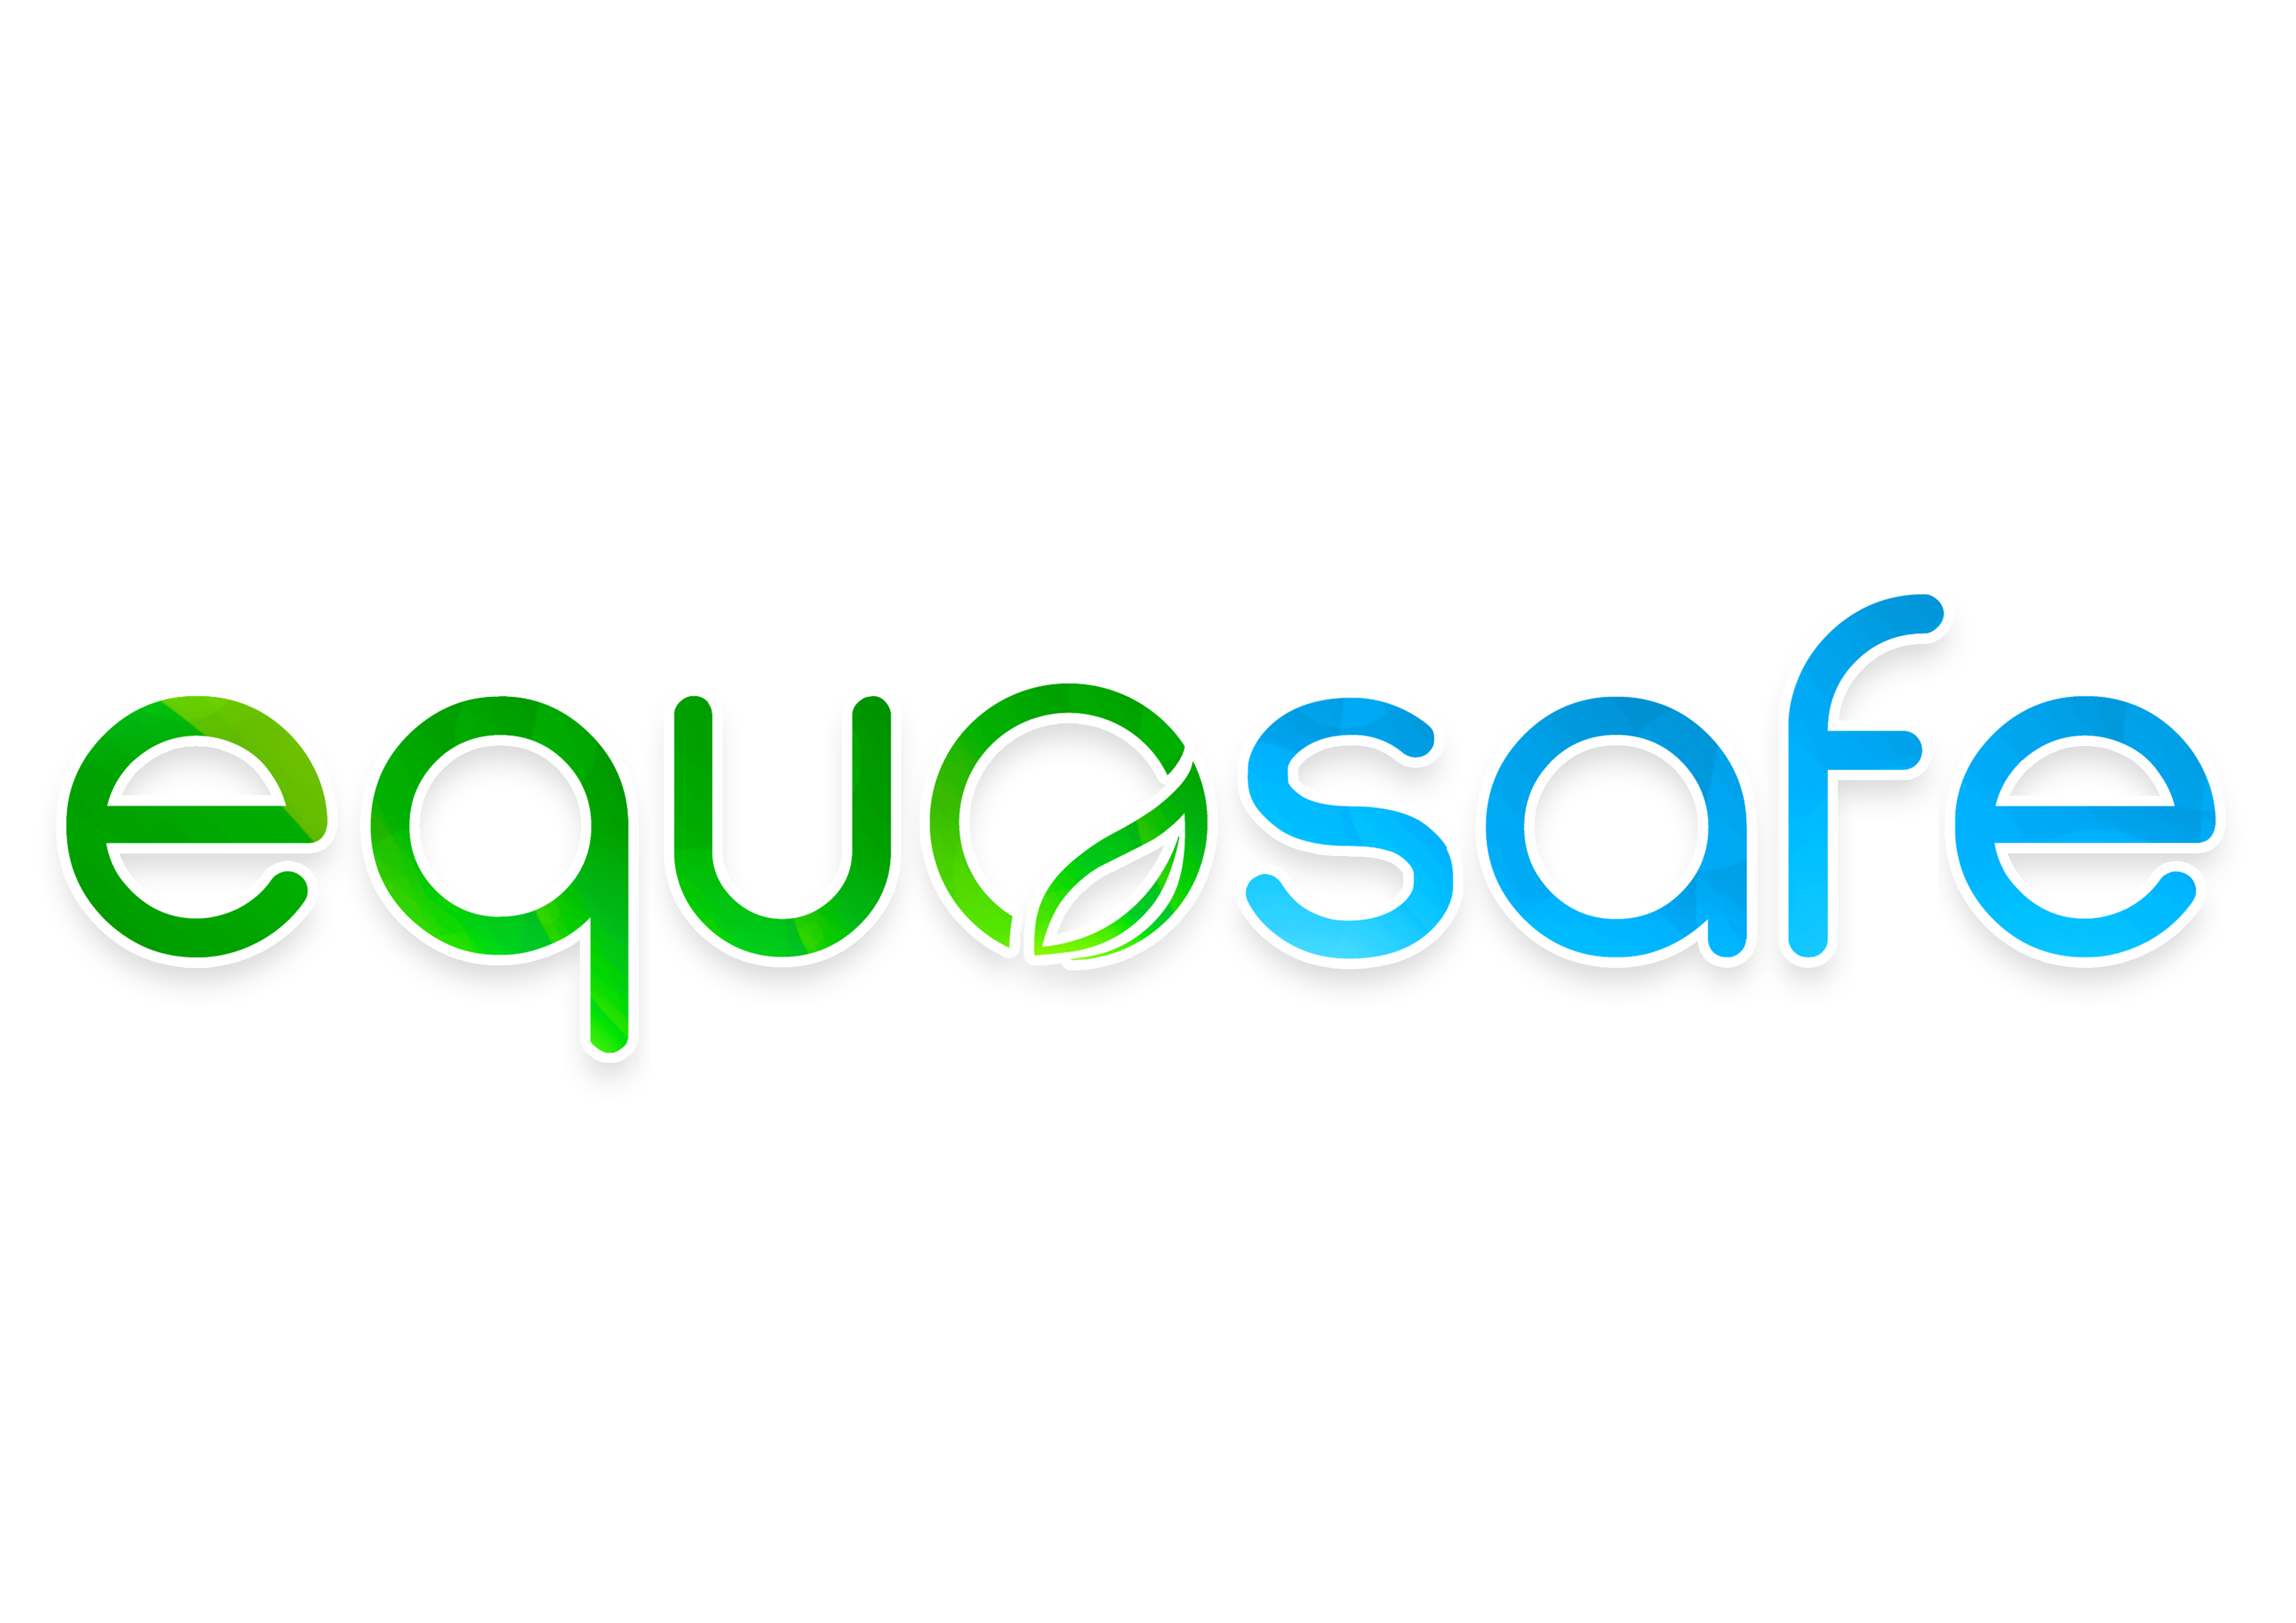 equosafe Header Image